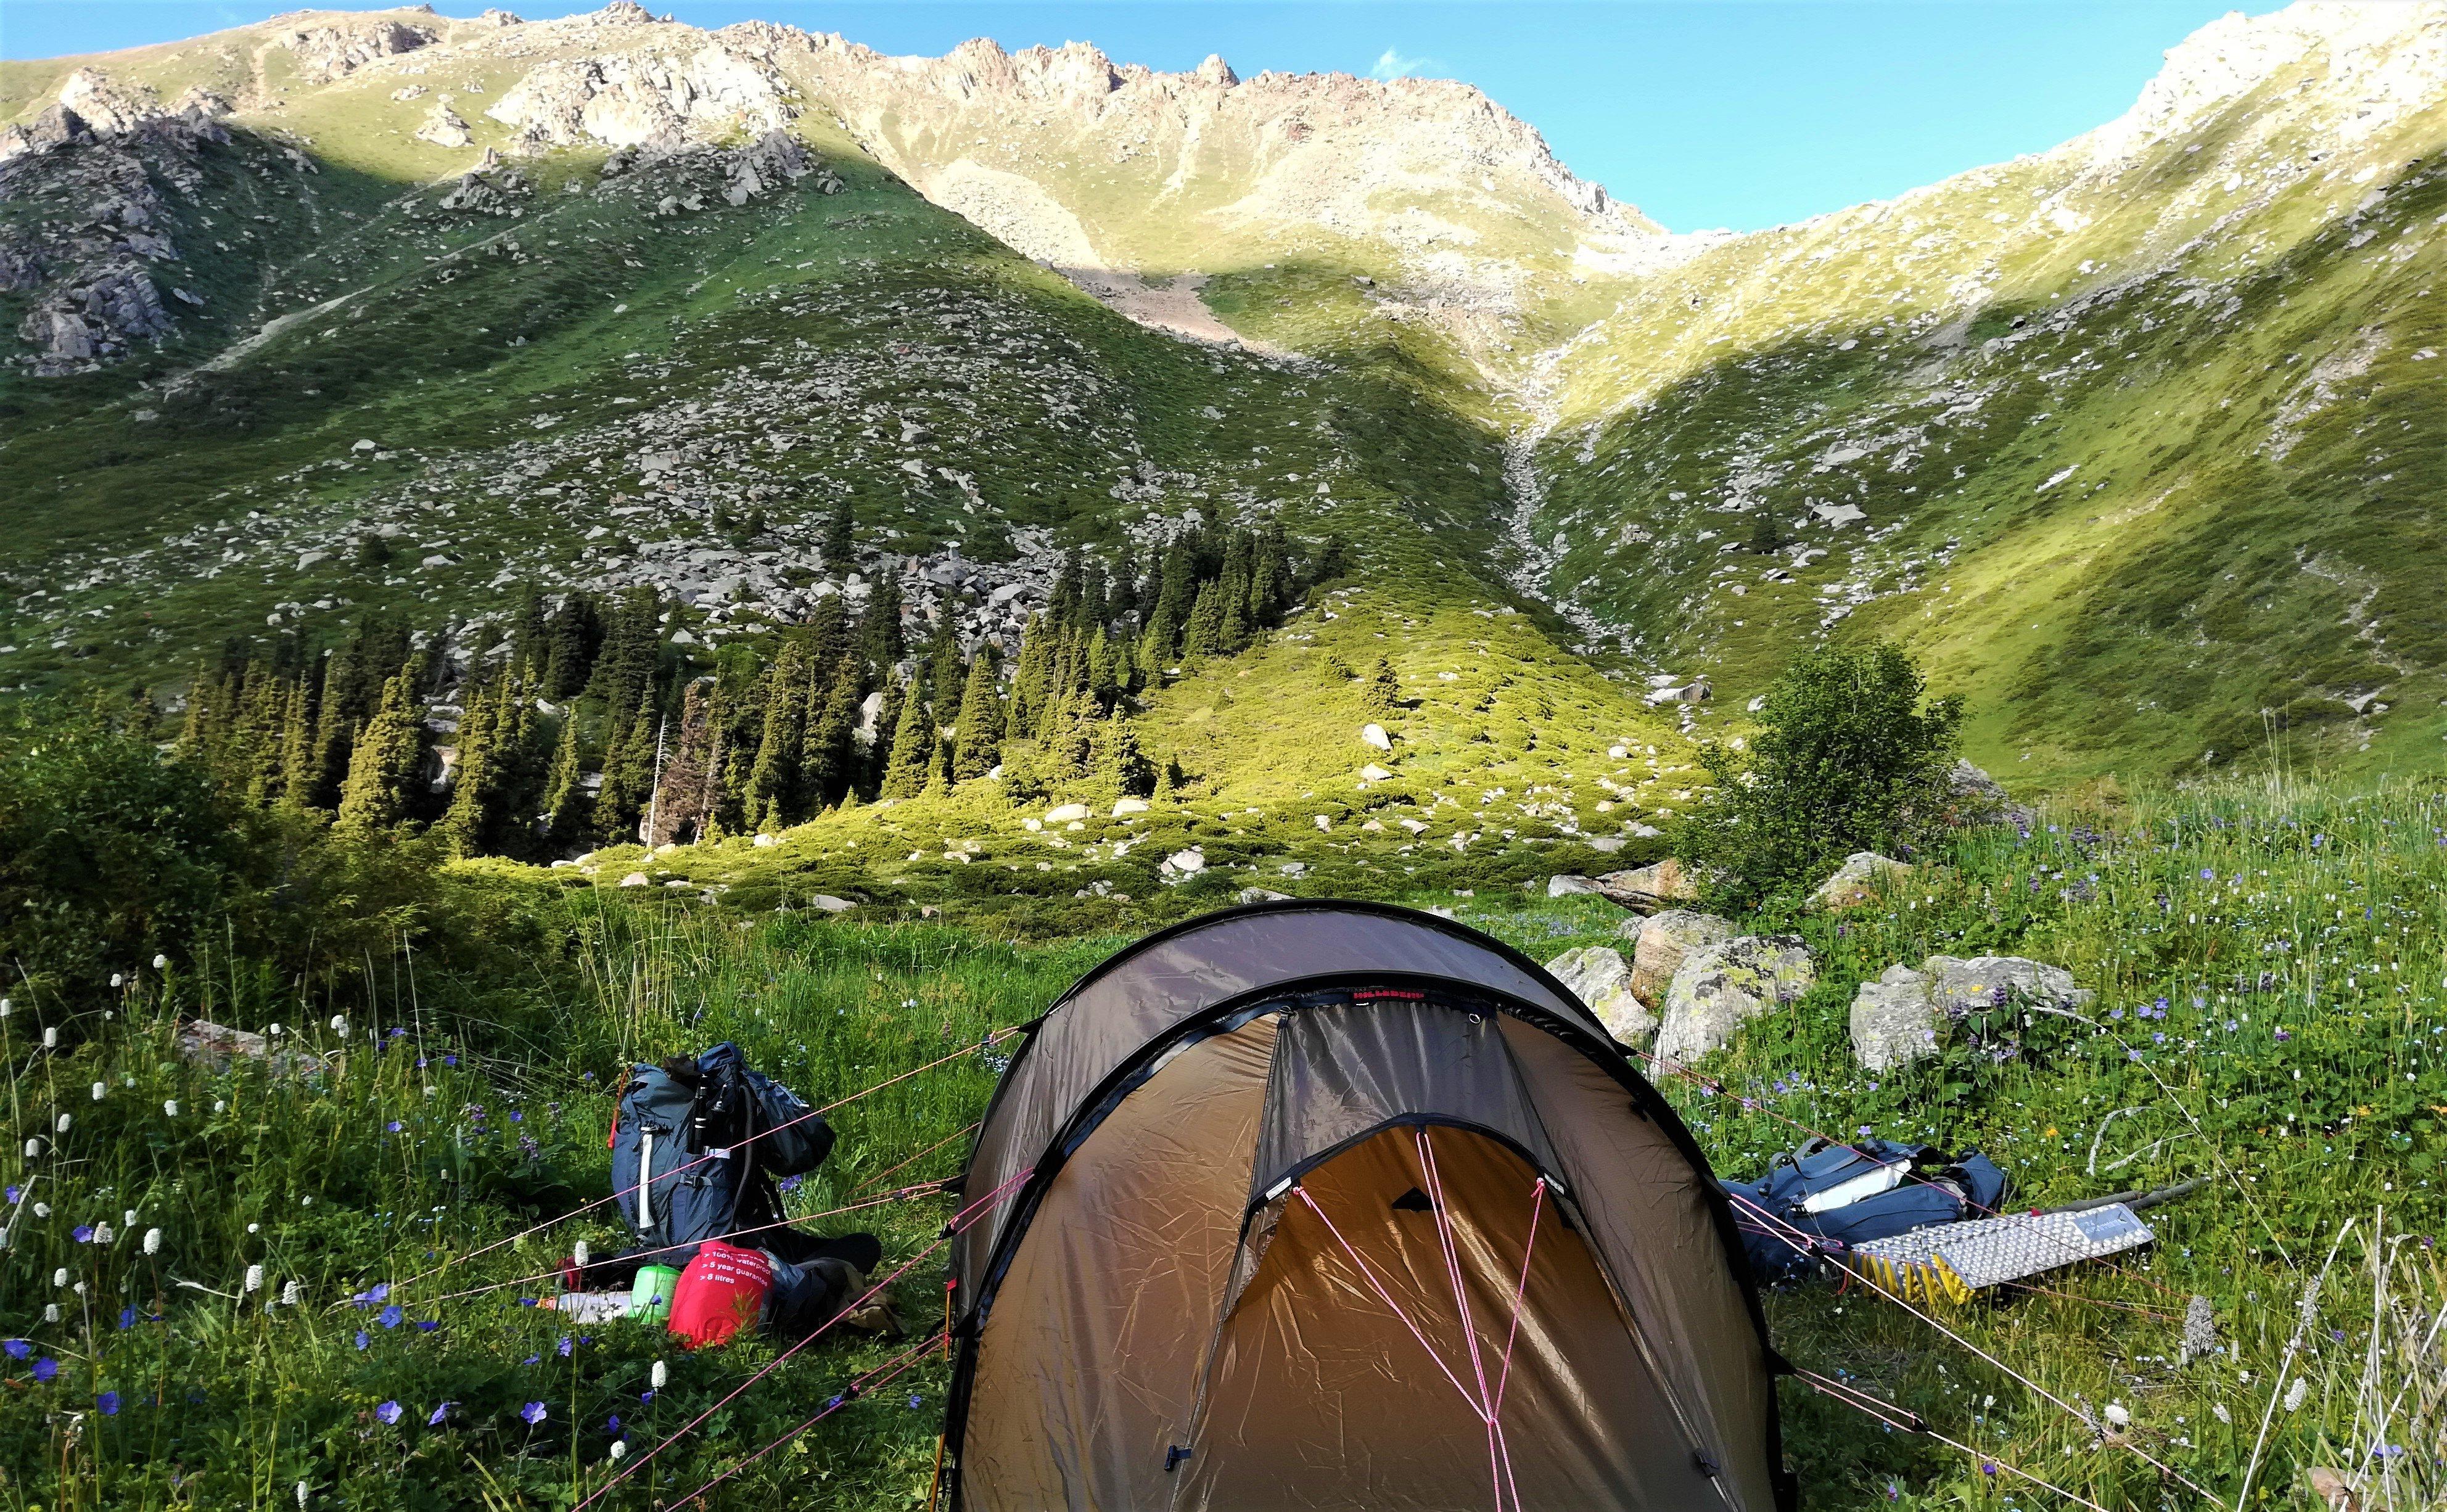 Hilleberg Zelt in malerischer Berglandschaft